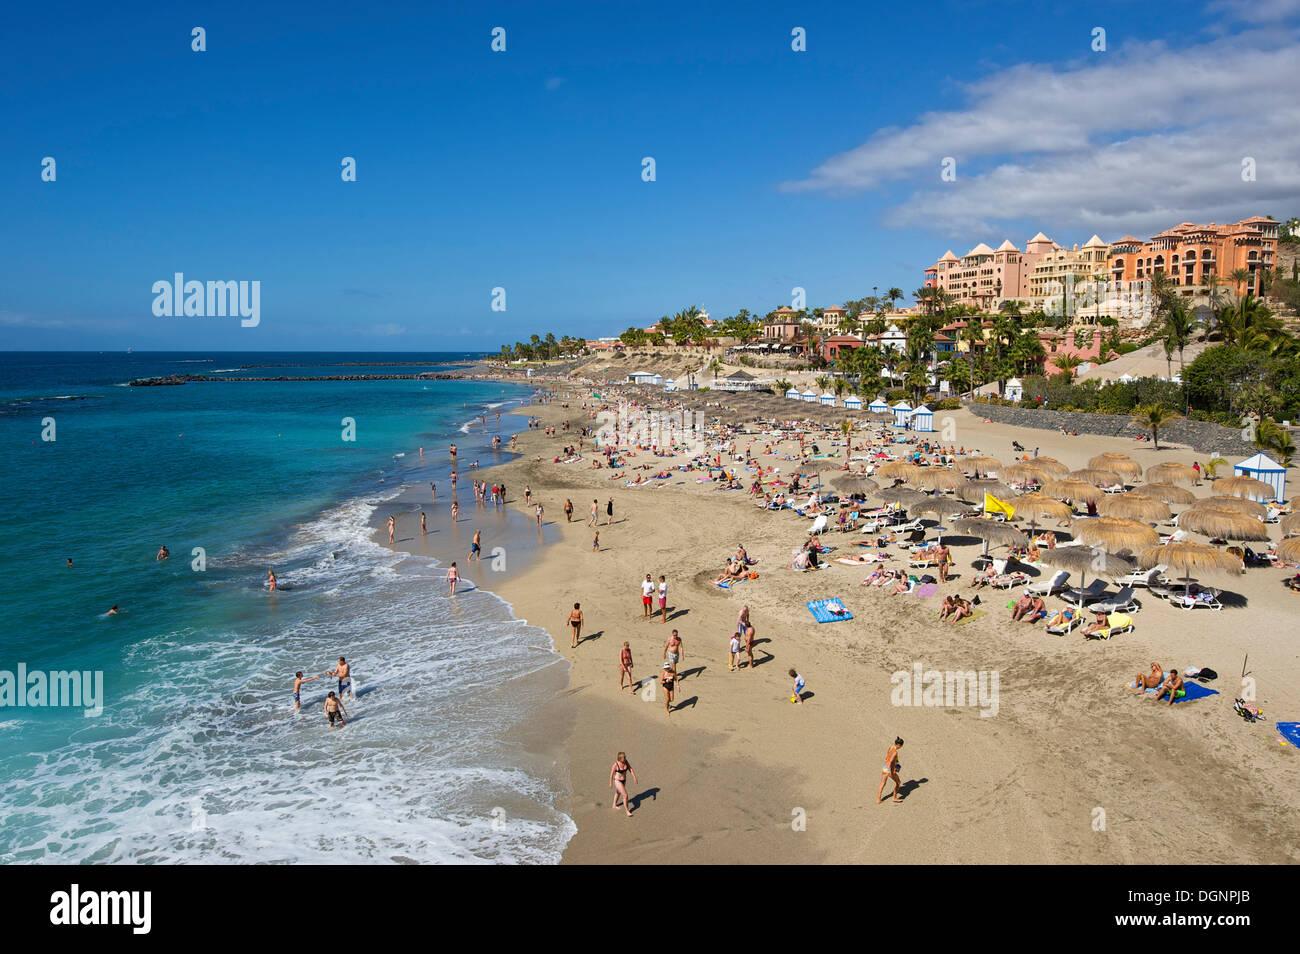 Playa del Duque, Costa Adeje, Tenerife, Islas Canarias, España Imagen De Stock